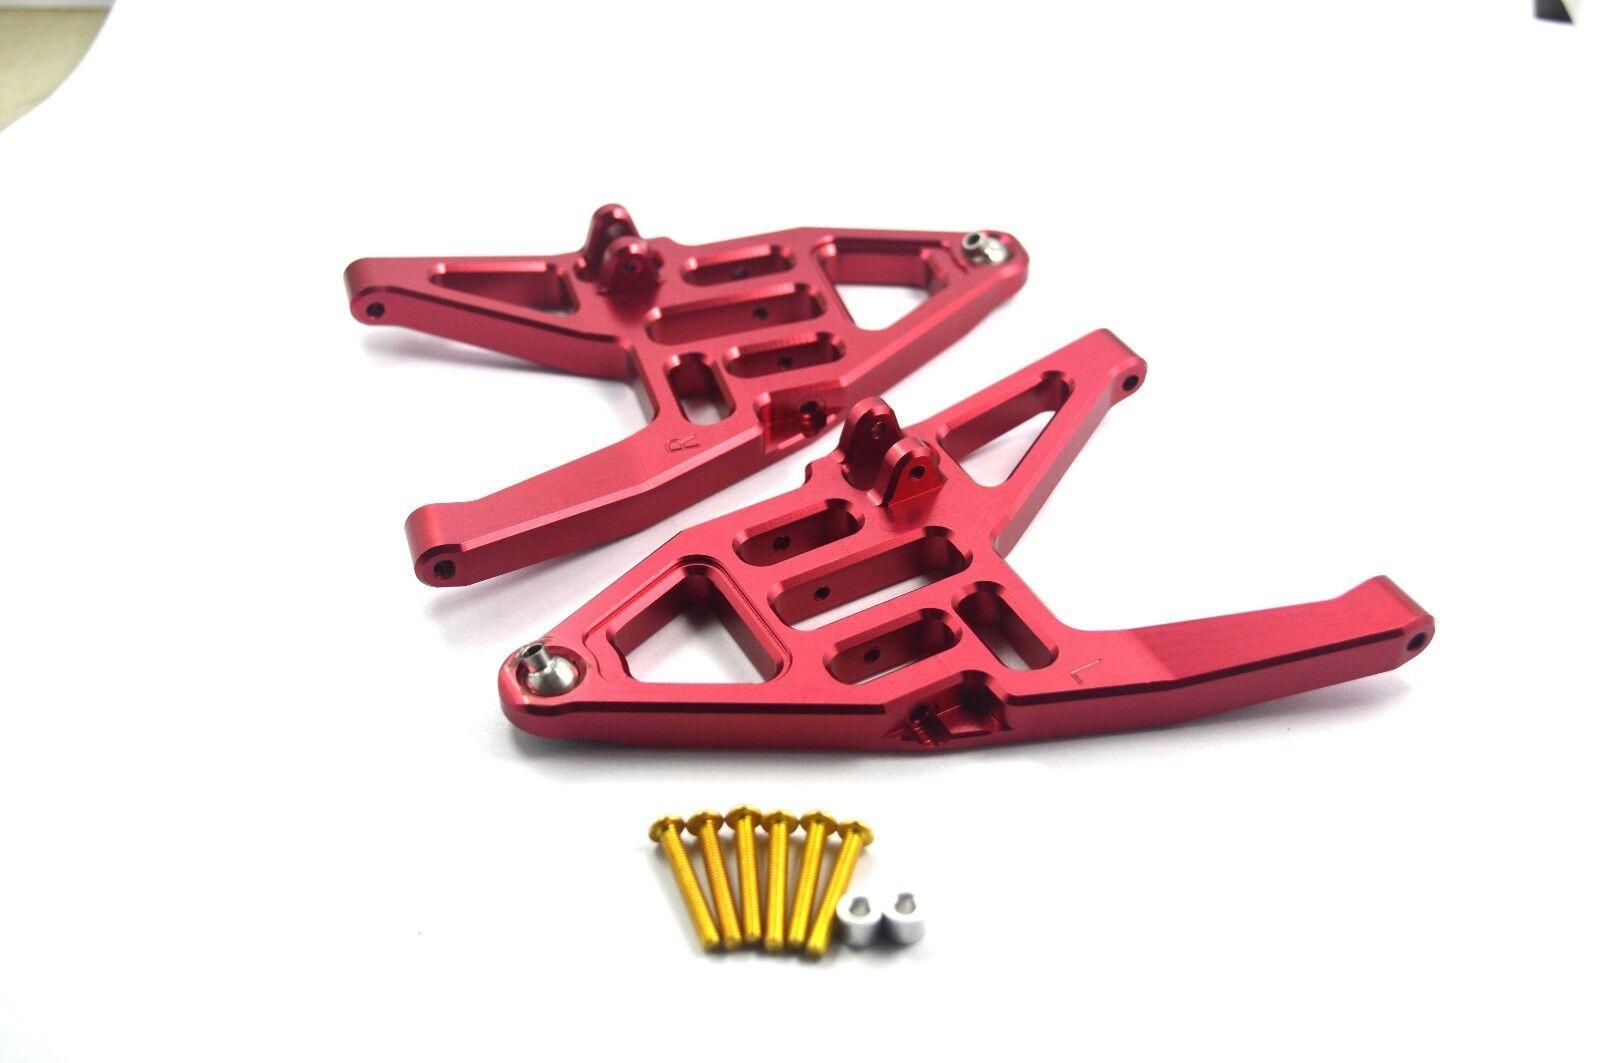 CNC Aluminum davanti Lower Arms L&R  rosso For Traxxas Unlimited Desert Racer (UDR)  marchi di stilisti economici